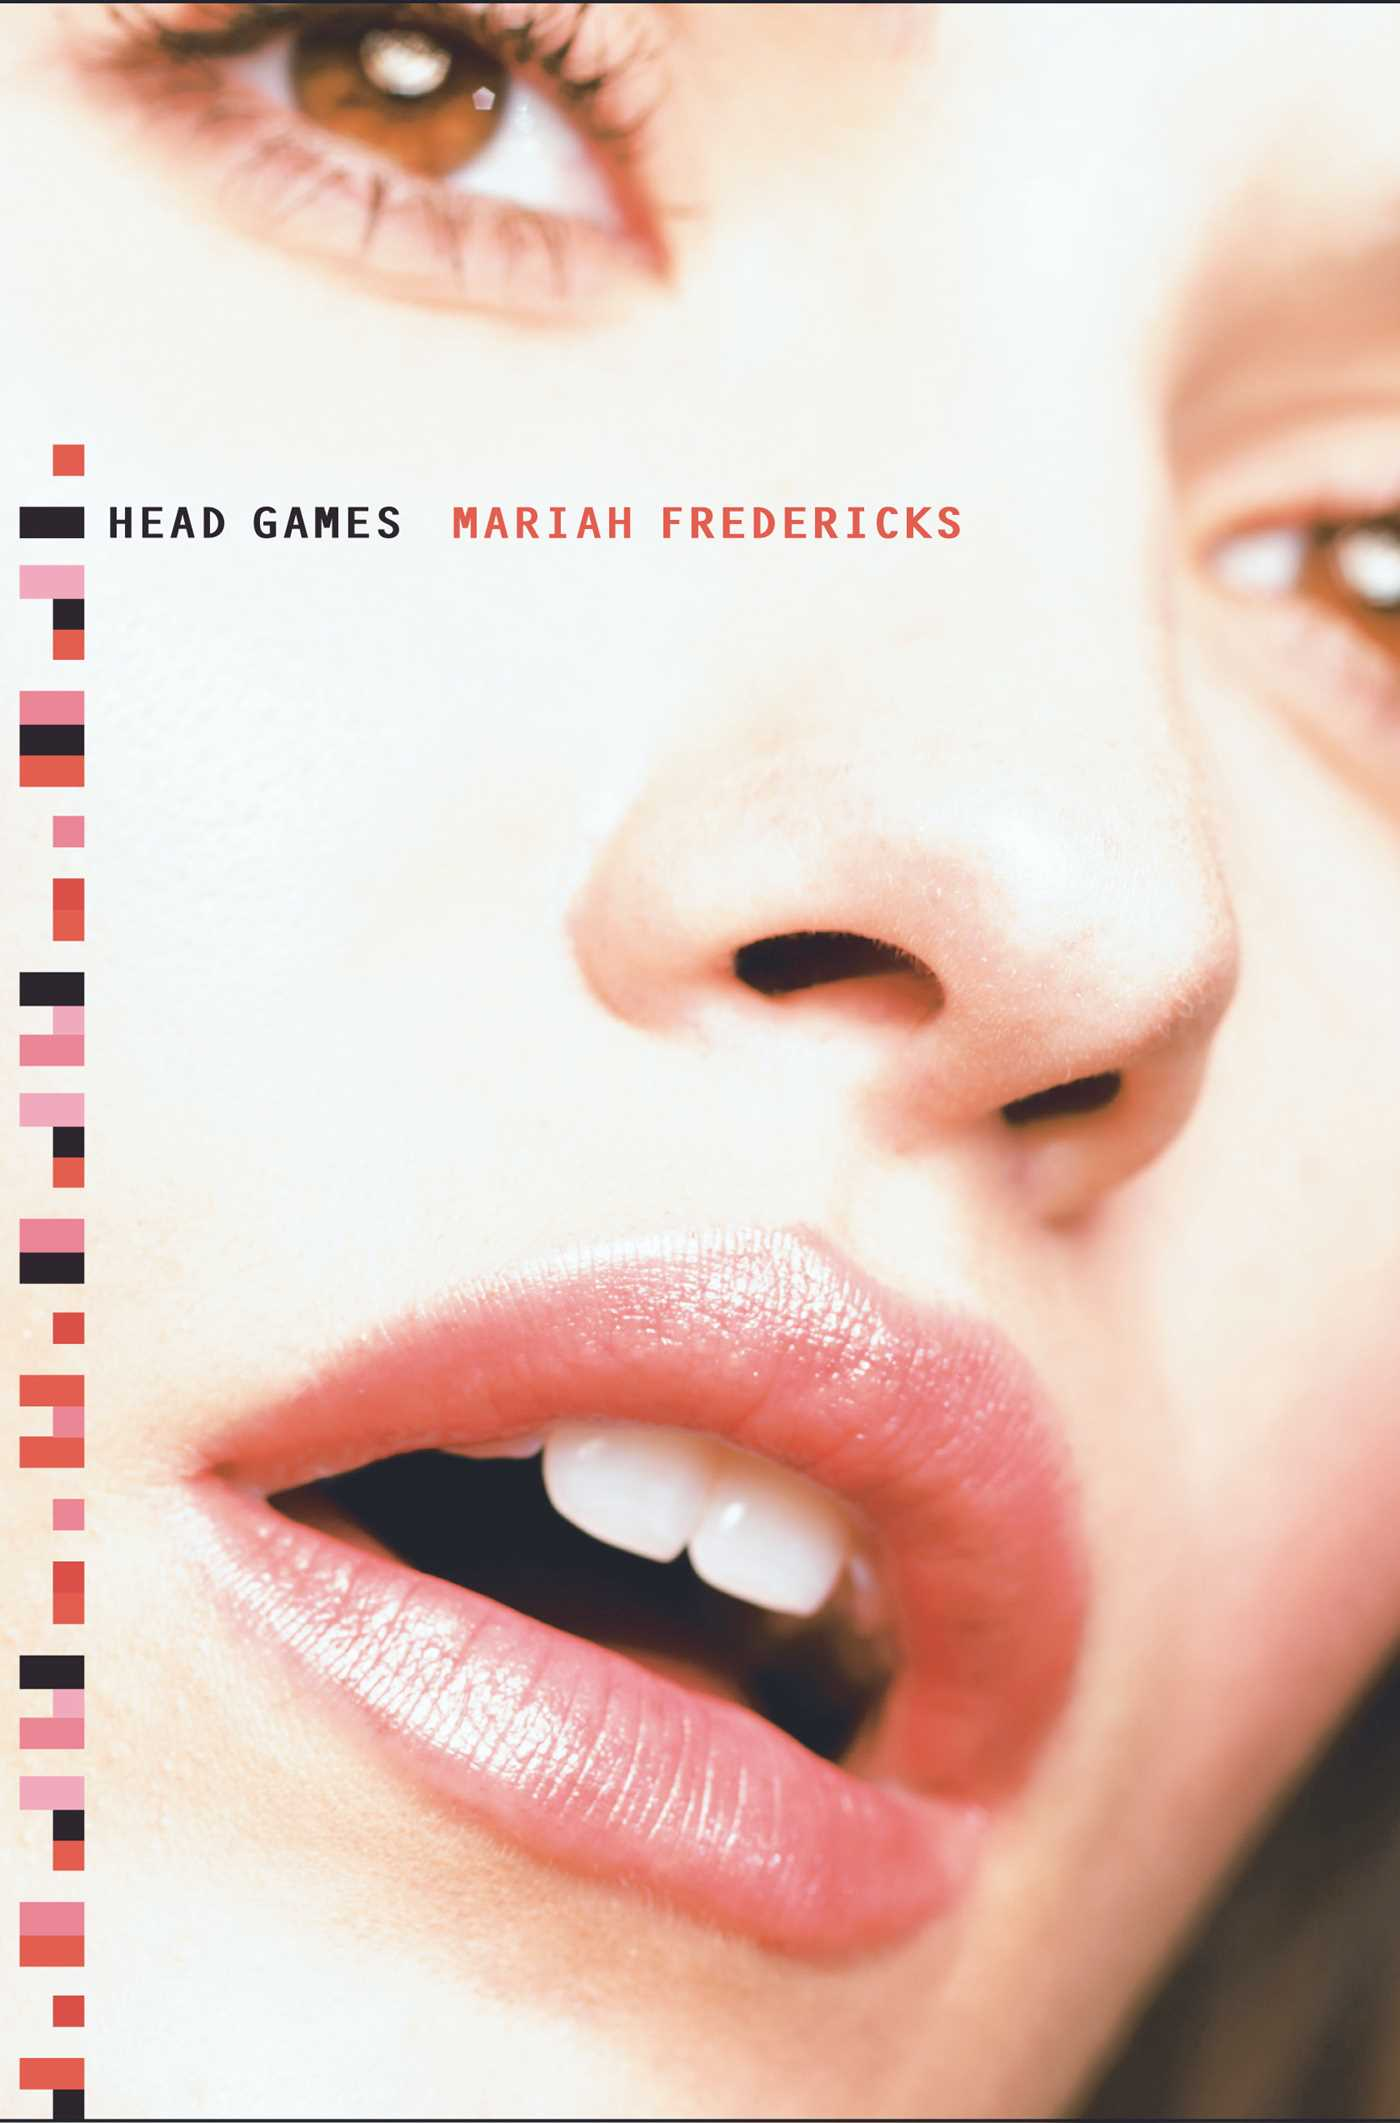 Head games 9781439116388 hr